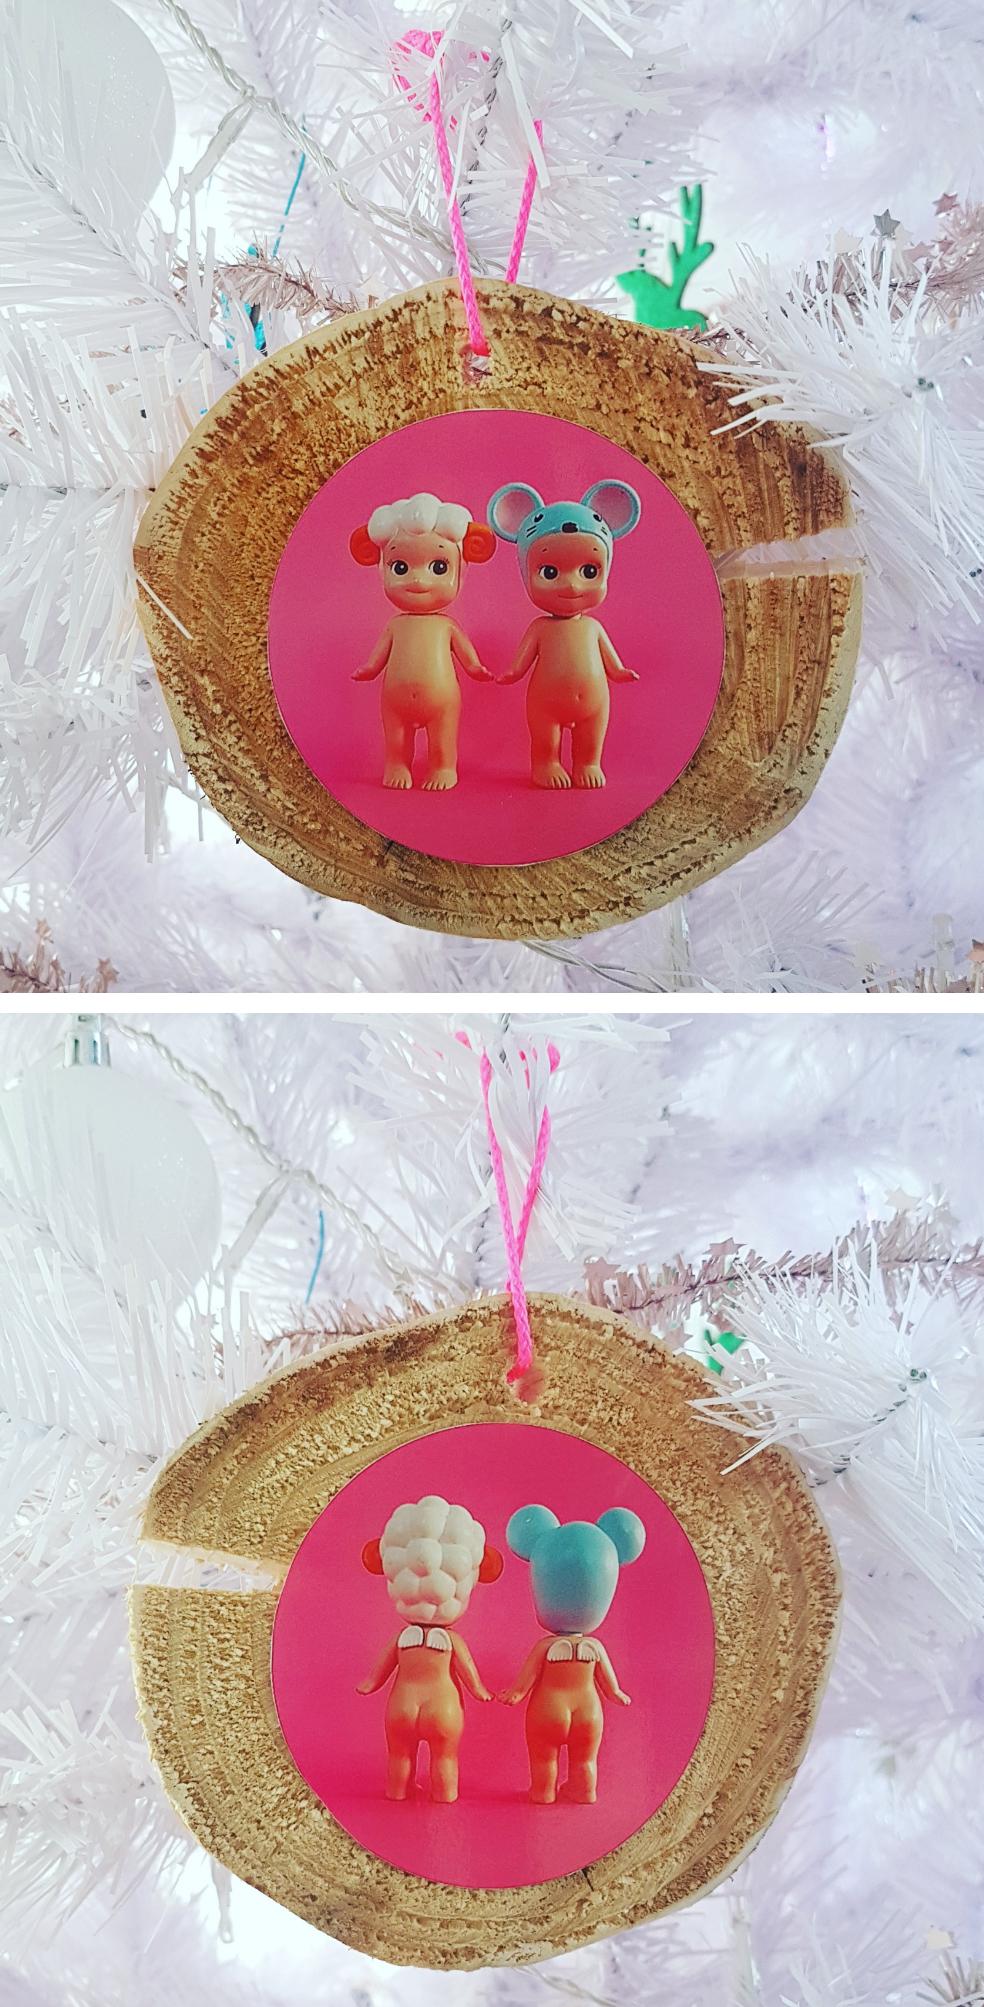 Kerst knutselen met foto's: de leukste ideeën - Leuk met kids